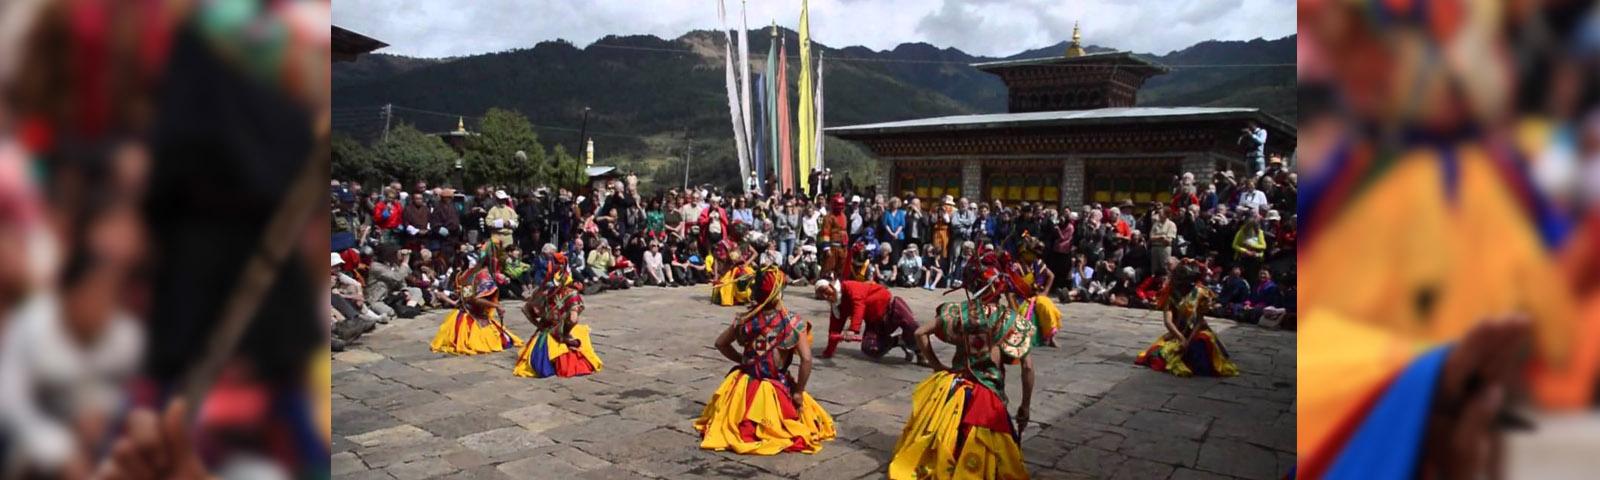 Bhutan Bumthang Jambay Lhakhang Festival